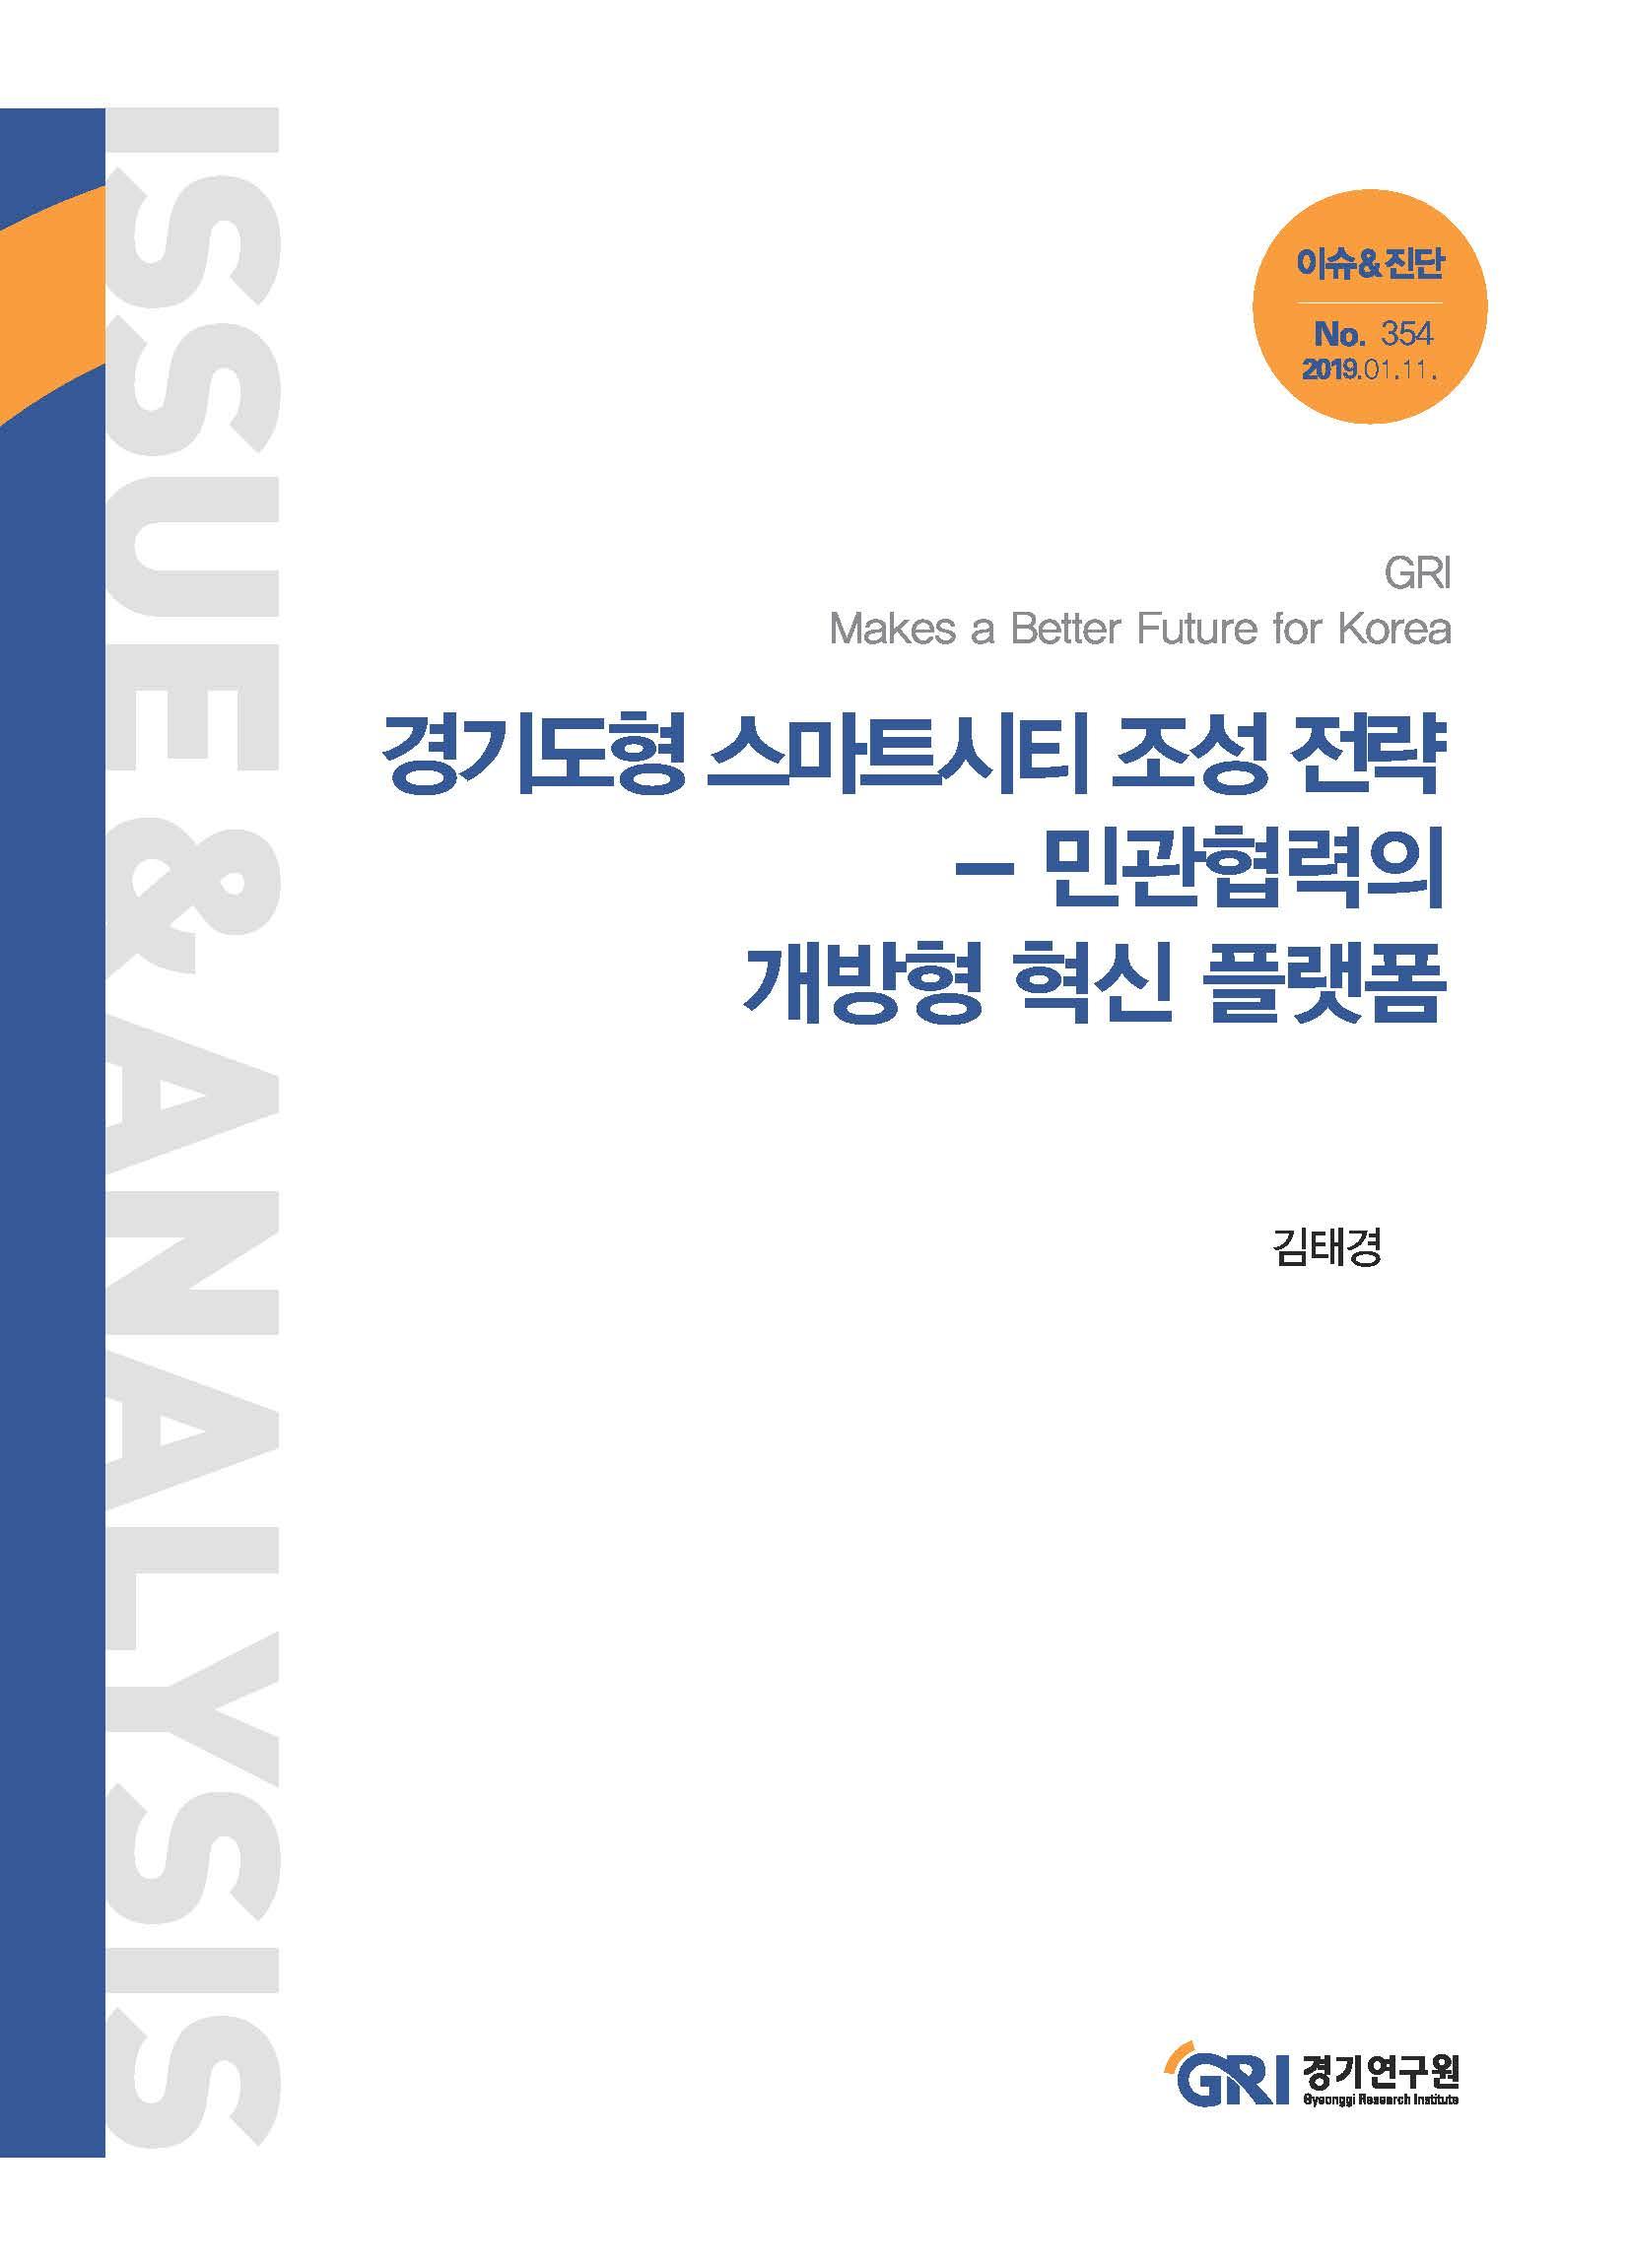 경기도형 스마트시티 조성 전략 : 민관협력의 개방형 혁신플랫폼